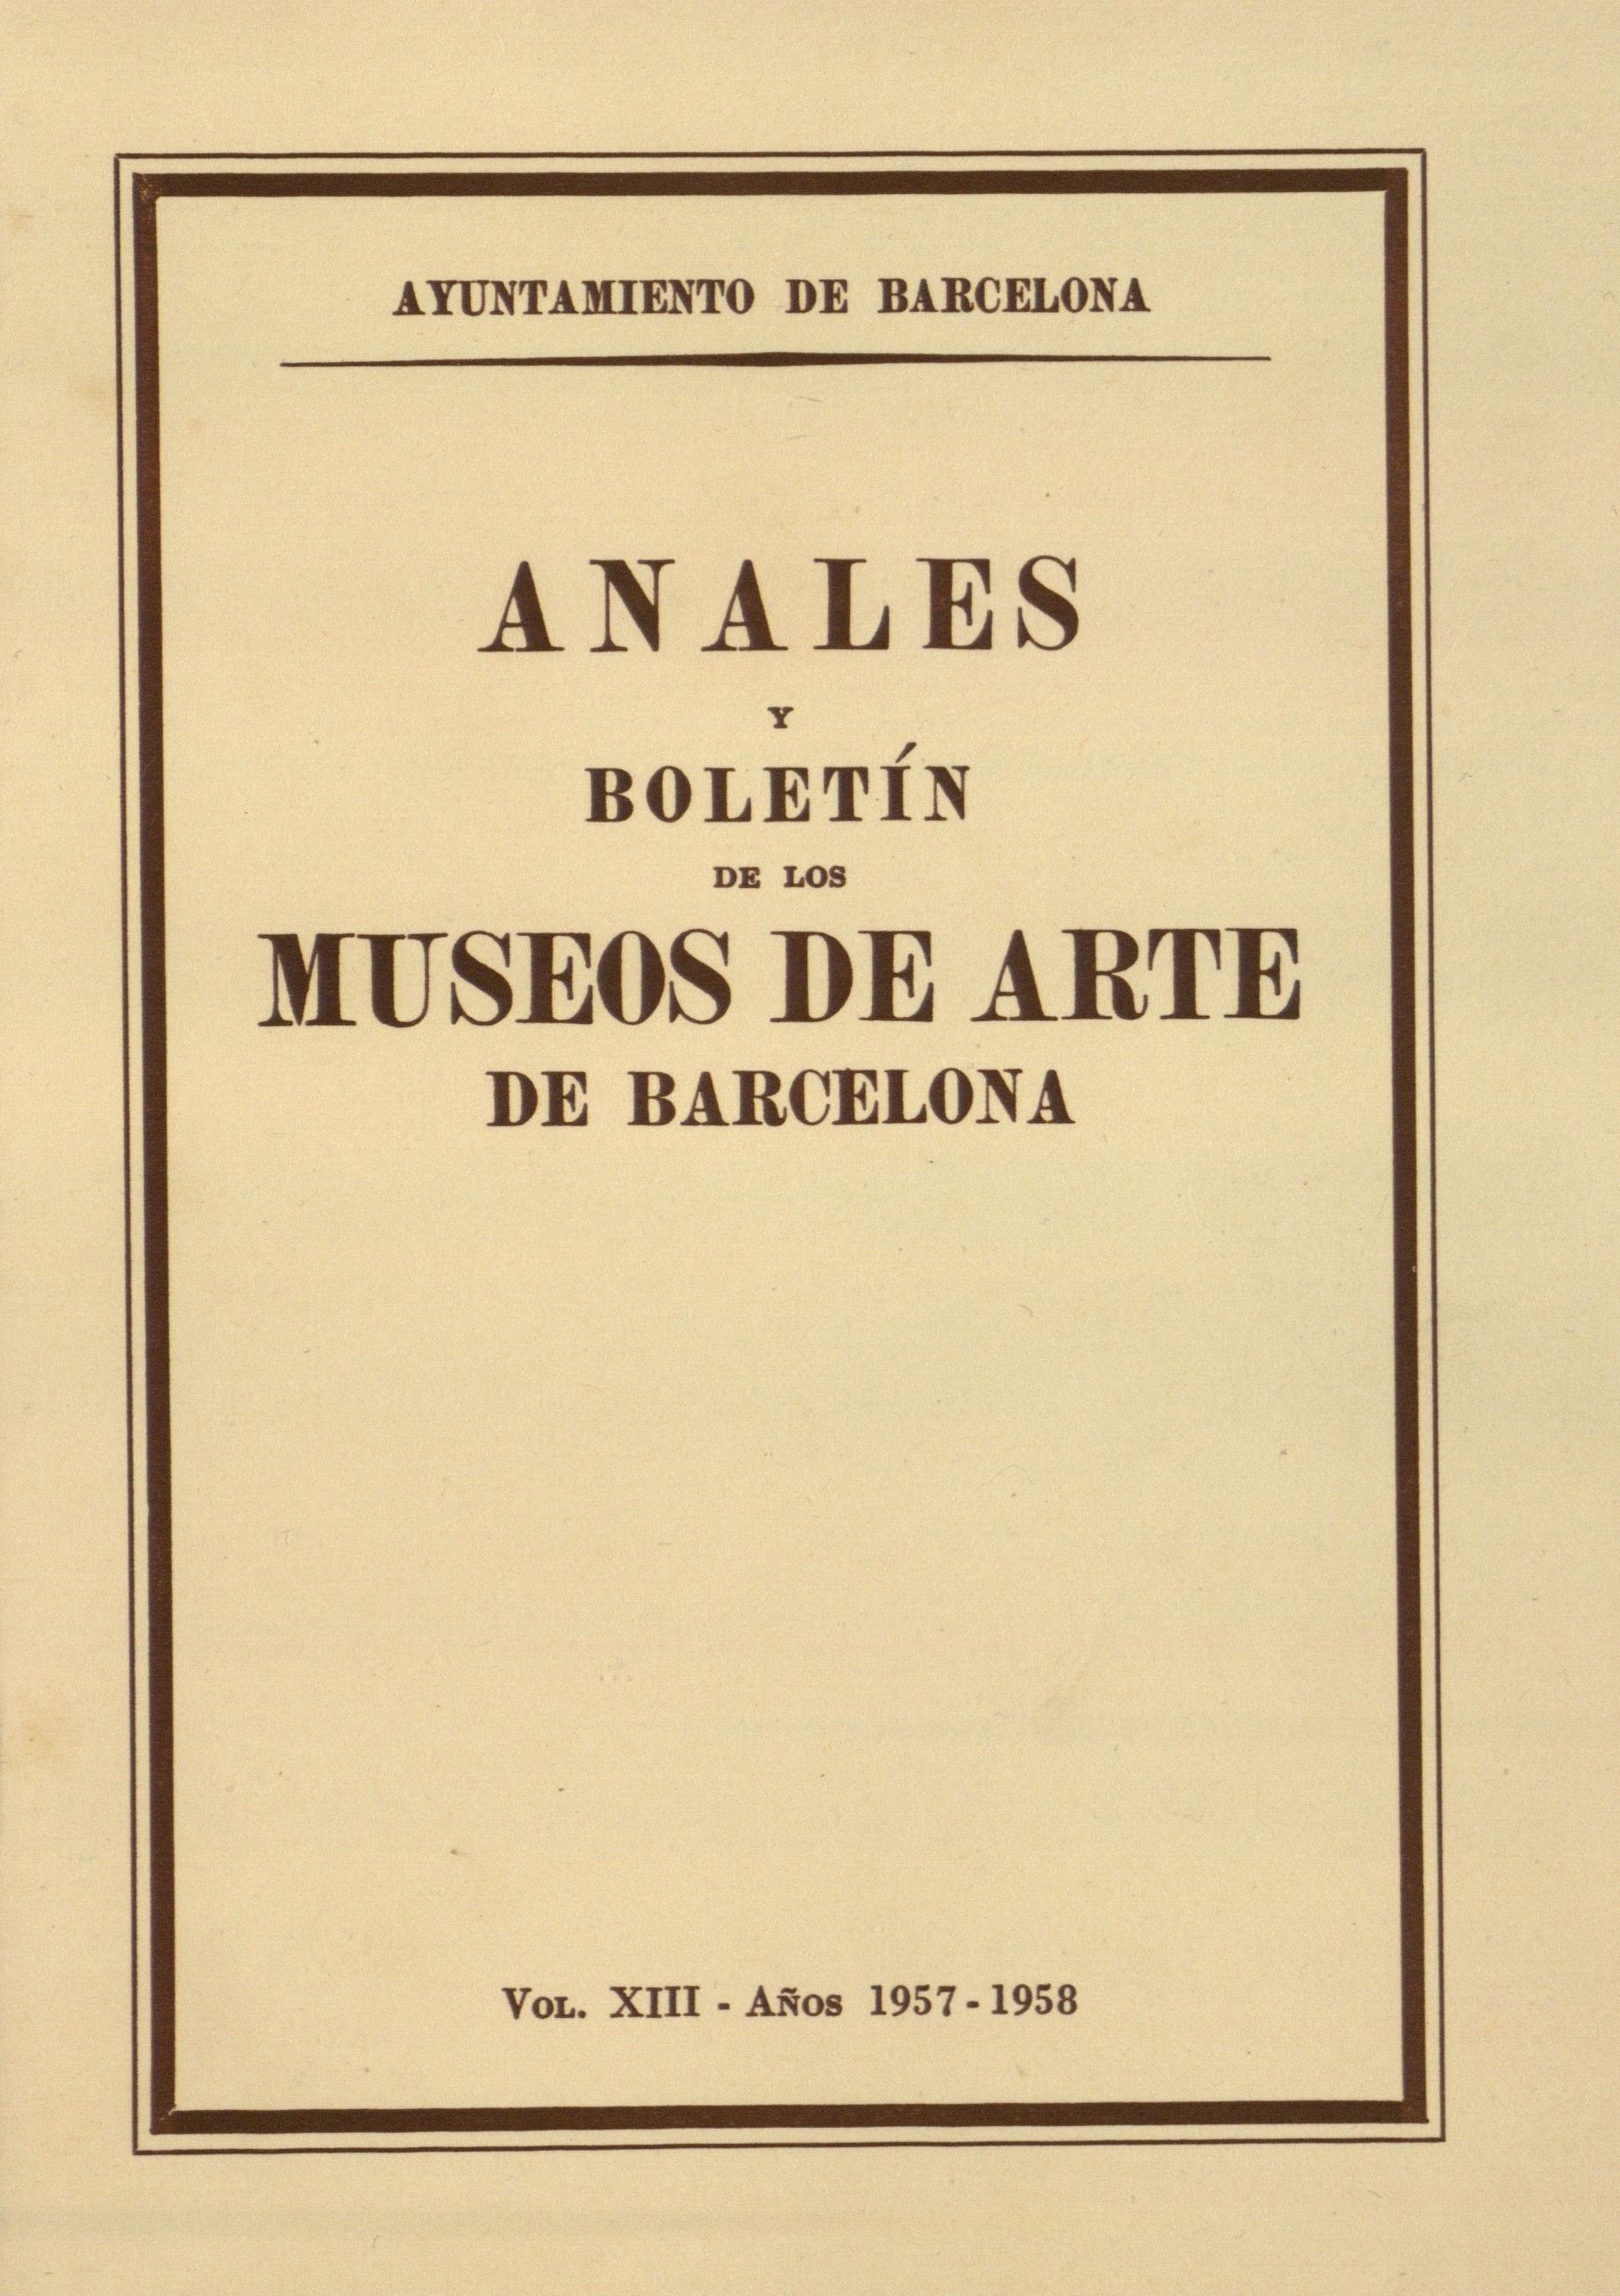 Vol. 13, 1957-1958, p. 1-246